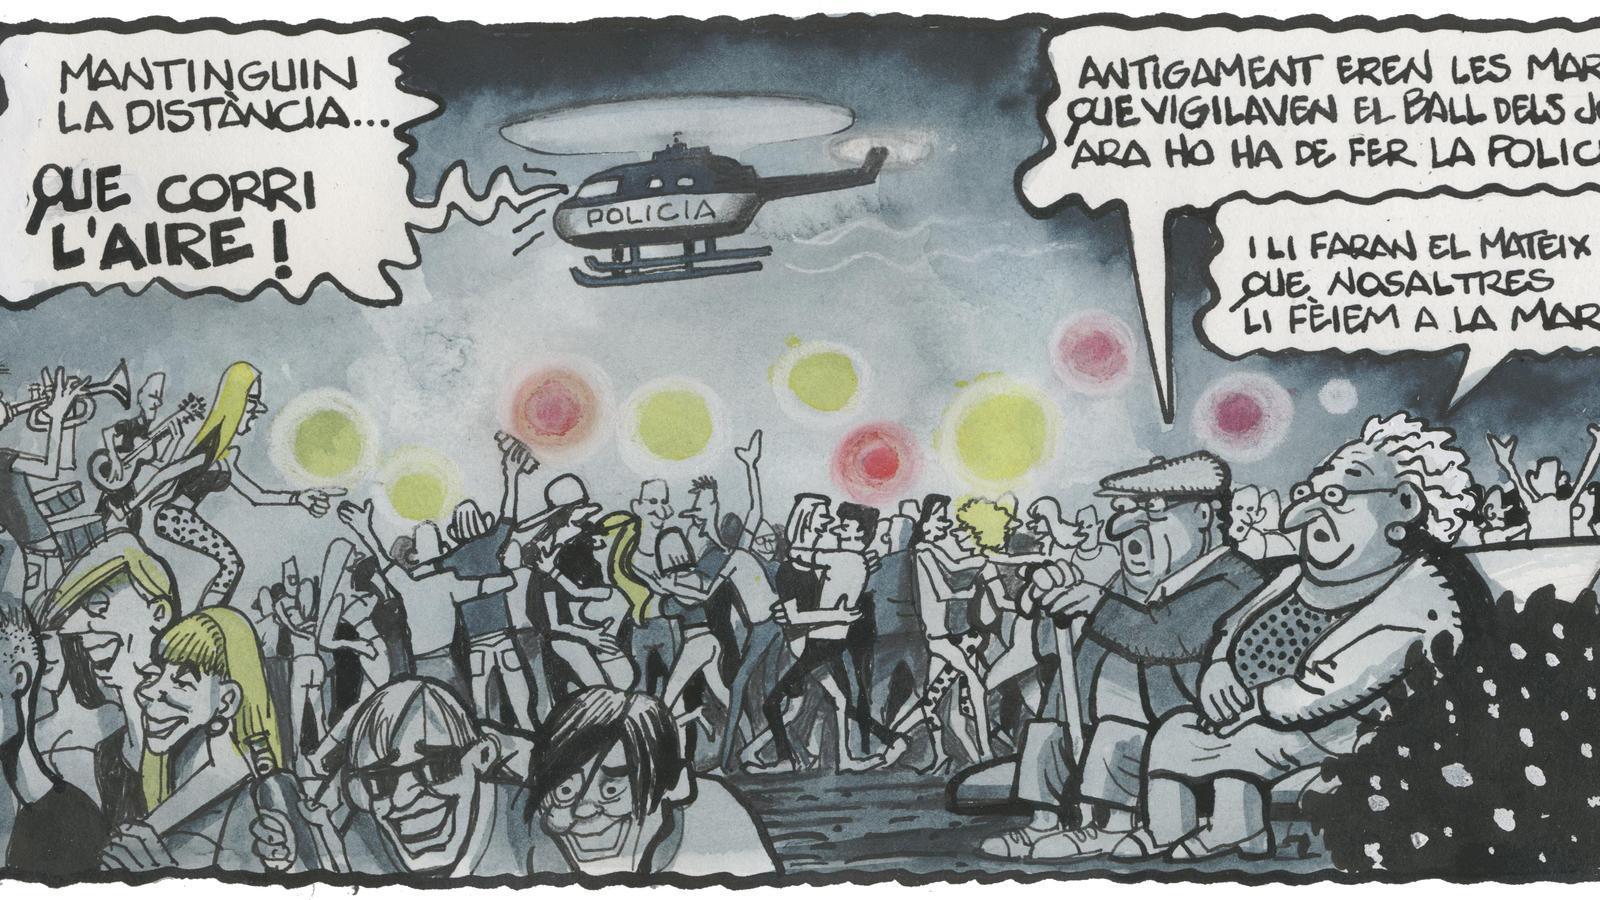 'A la contra', per Ferreres 23/06/2020